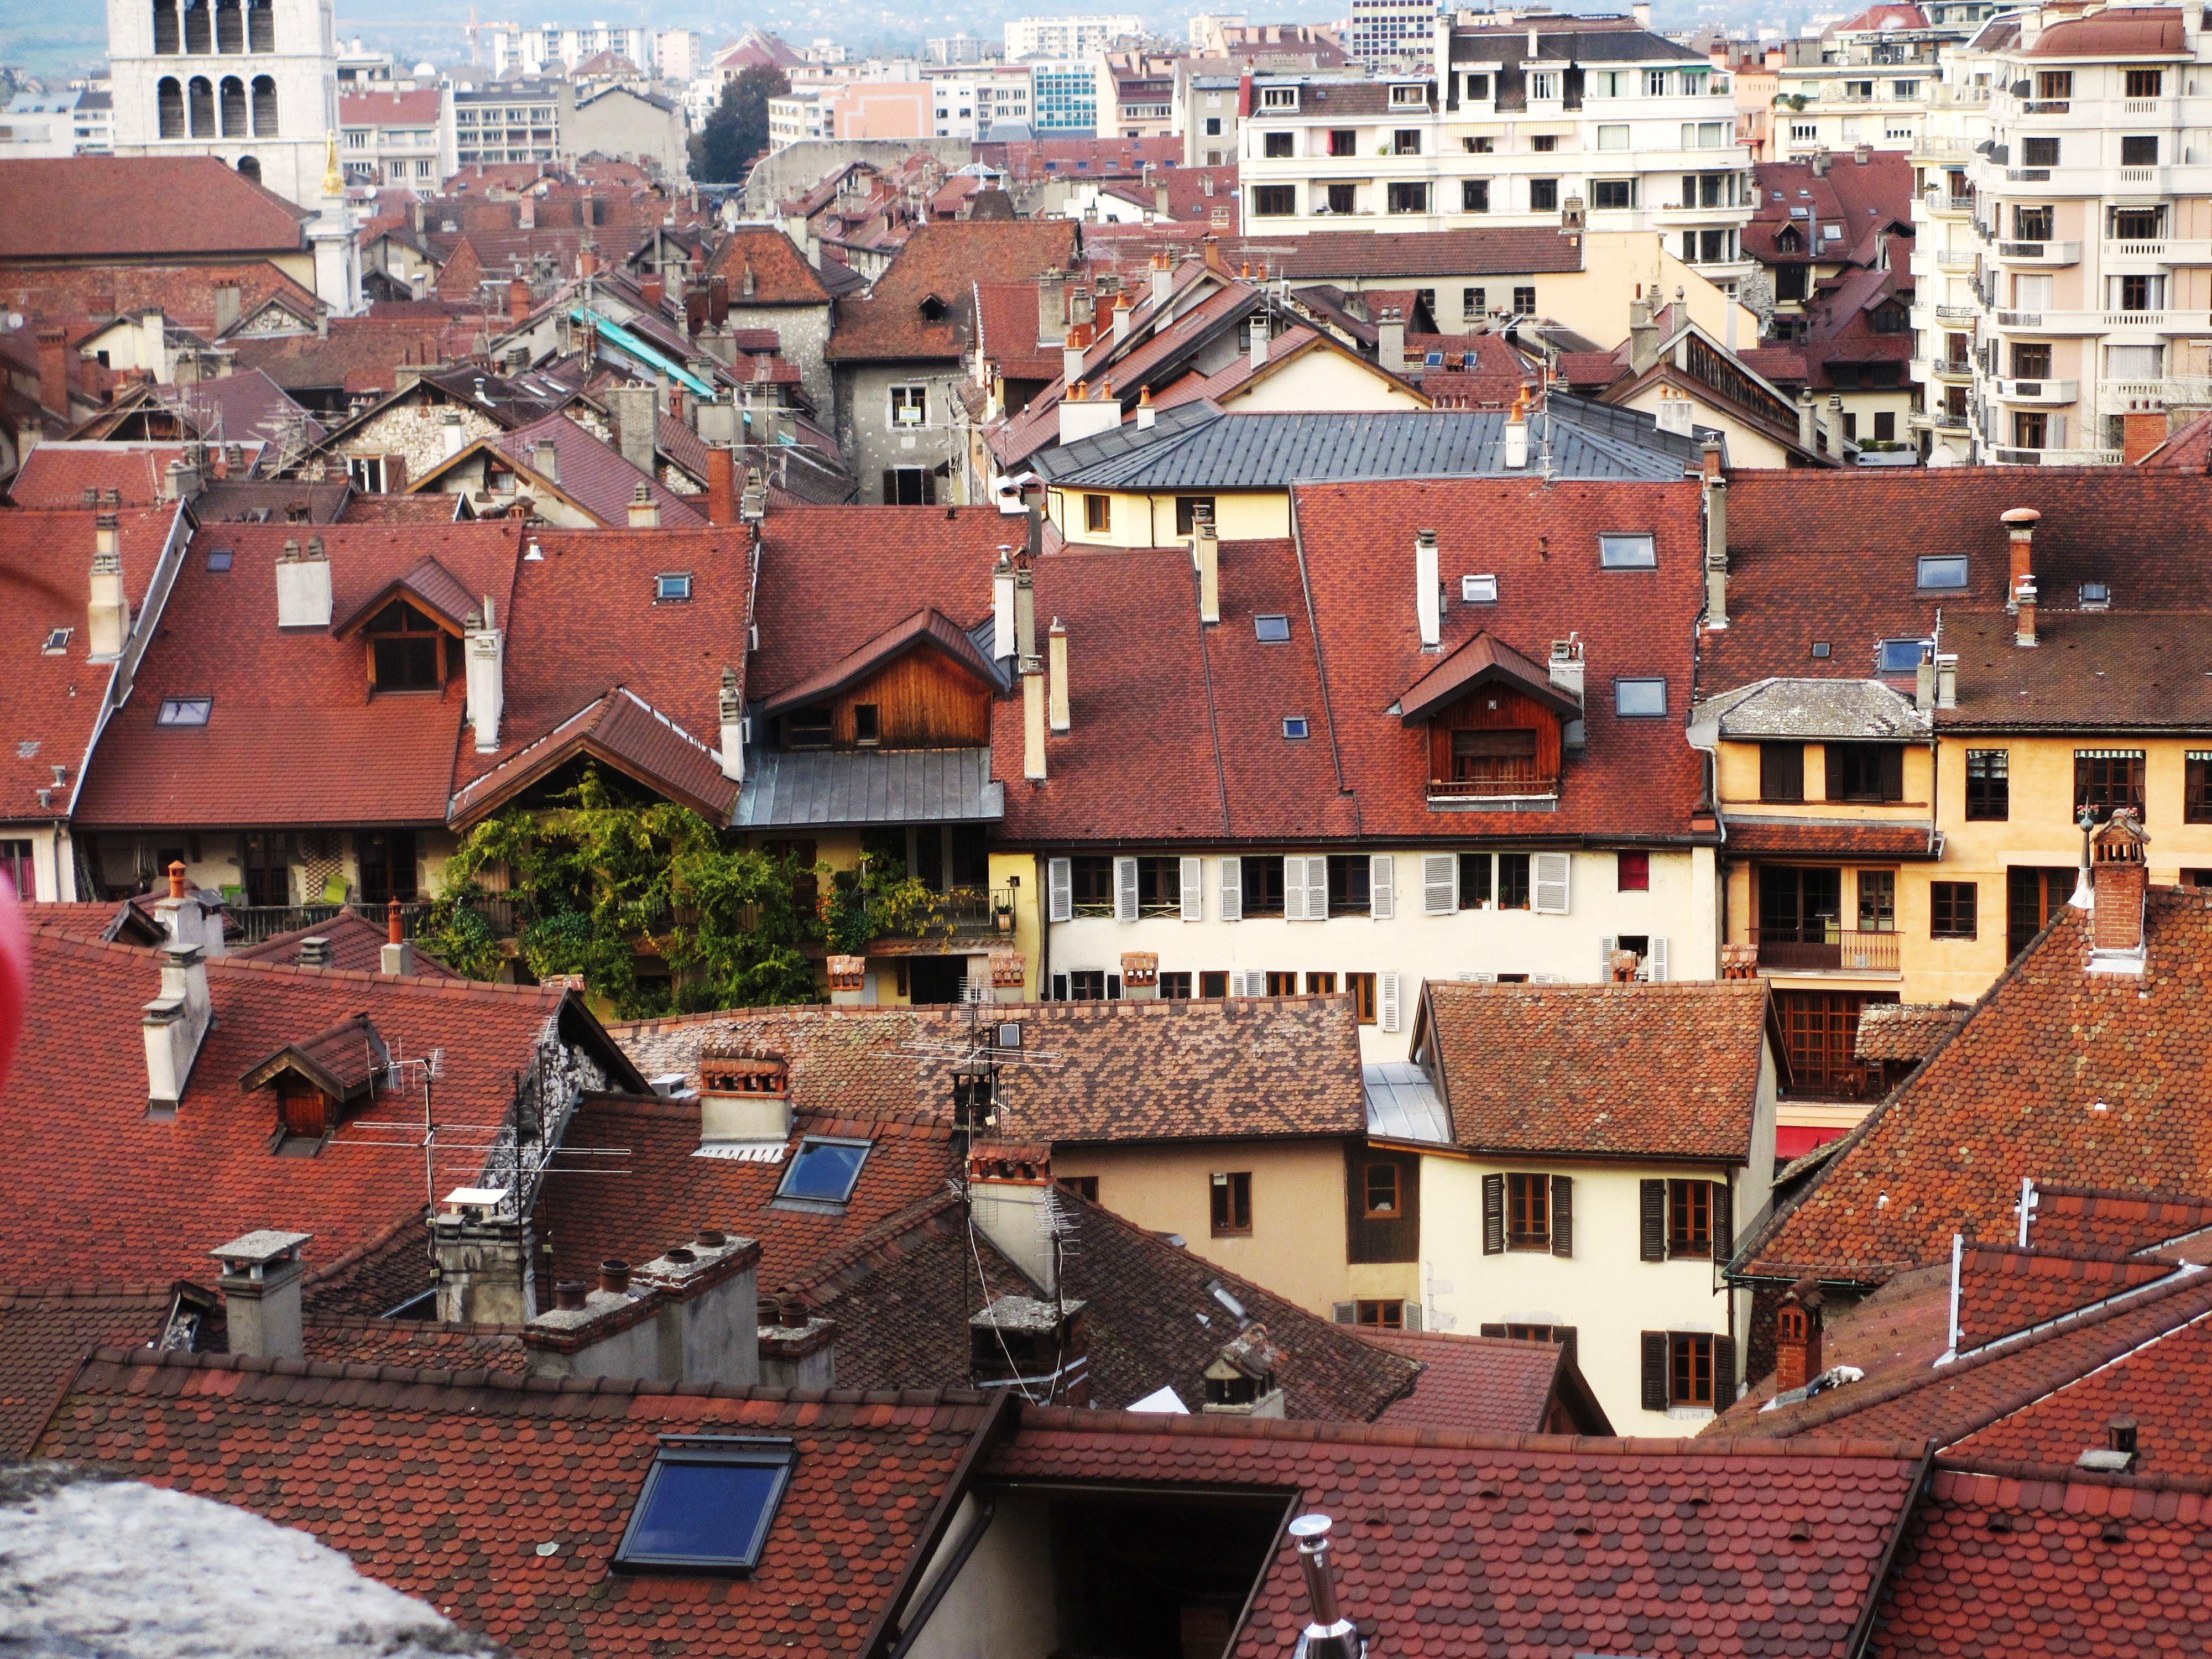 Annecy-vieille ville_AurélieGuédron